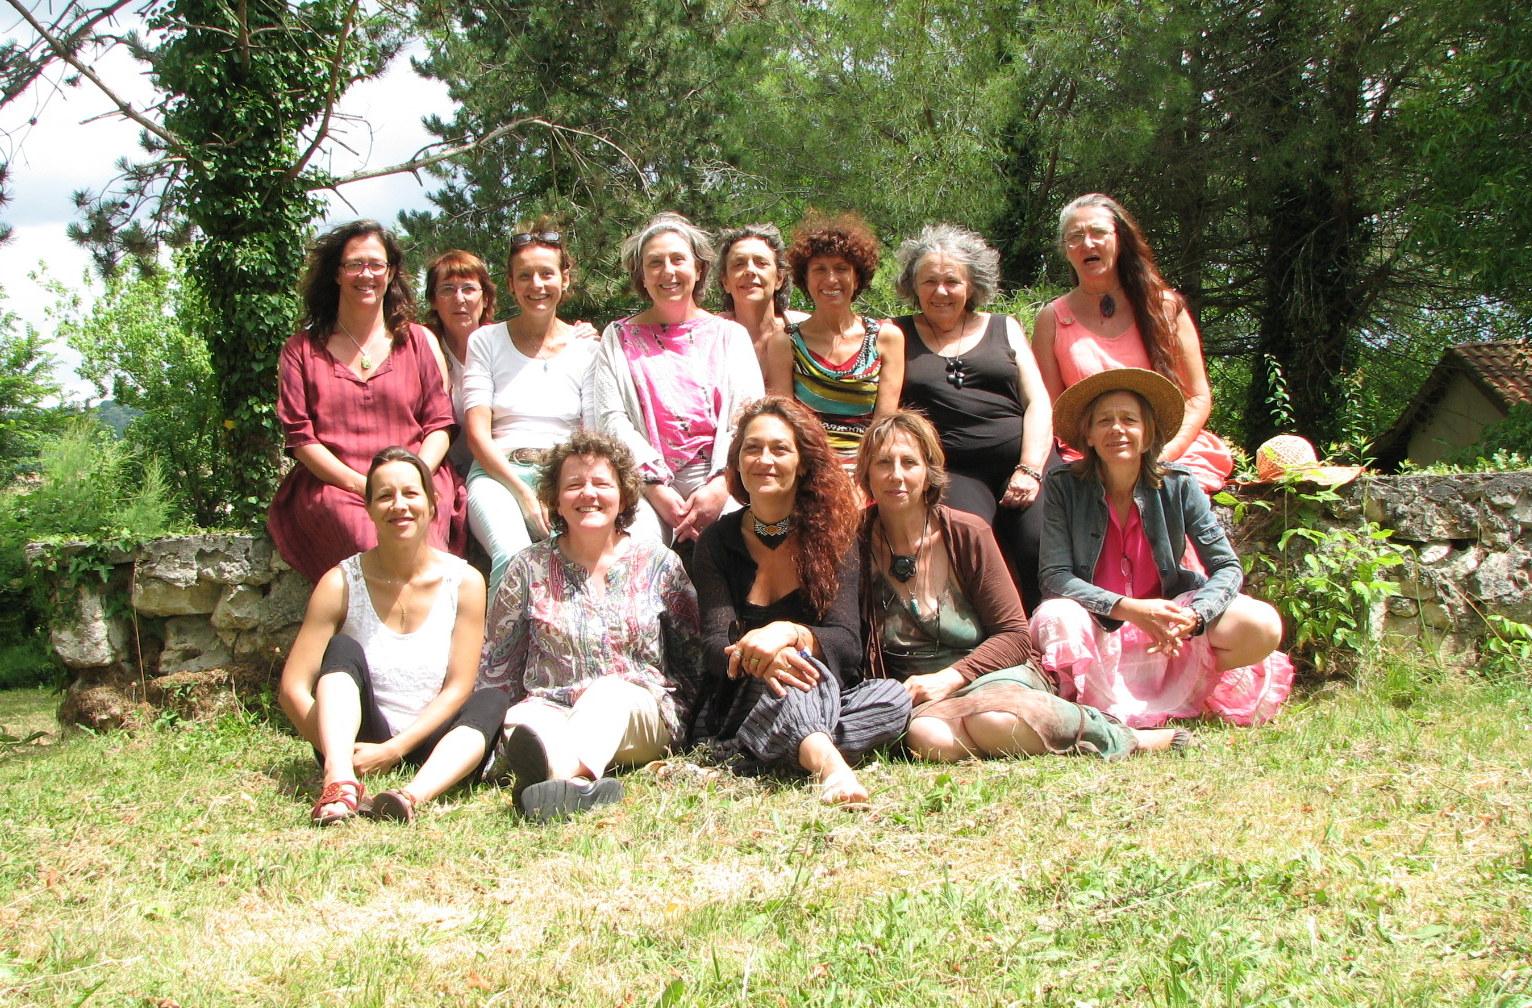 Festival du Féminin Dordogne Source des Femmes